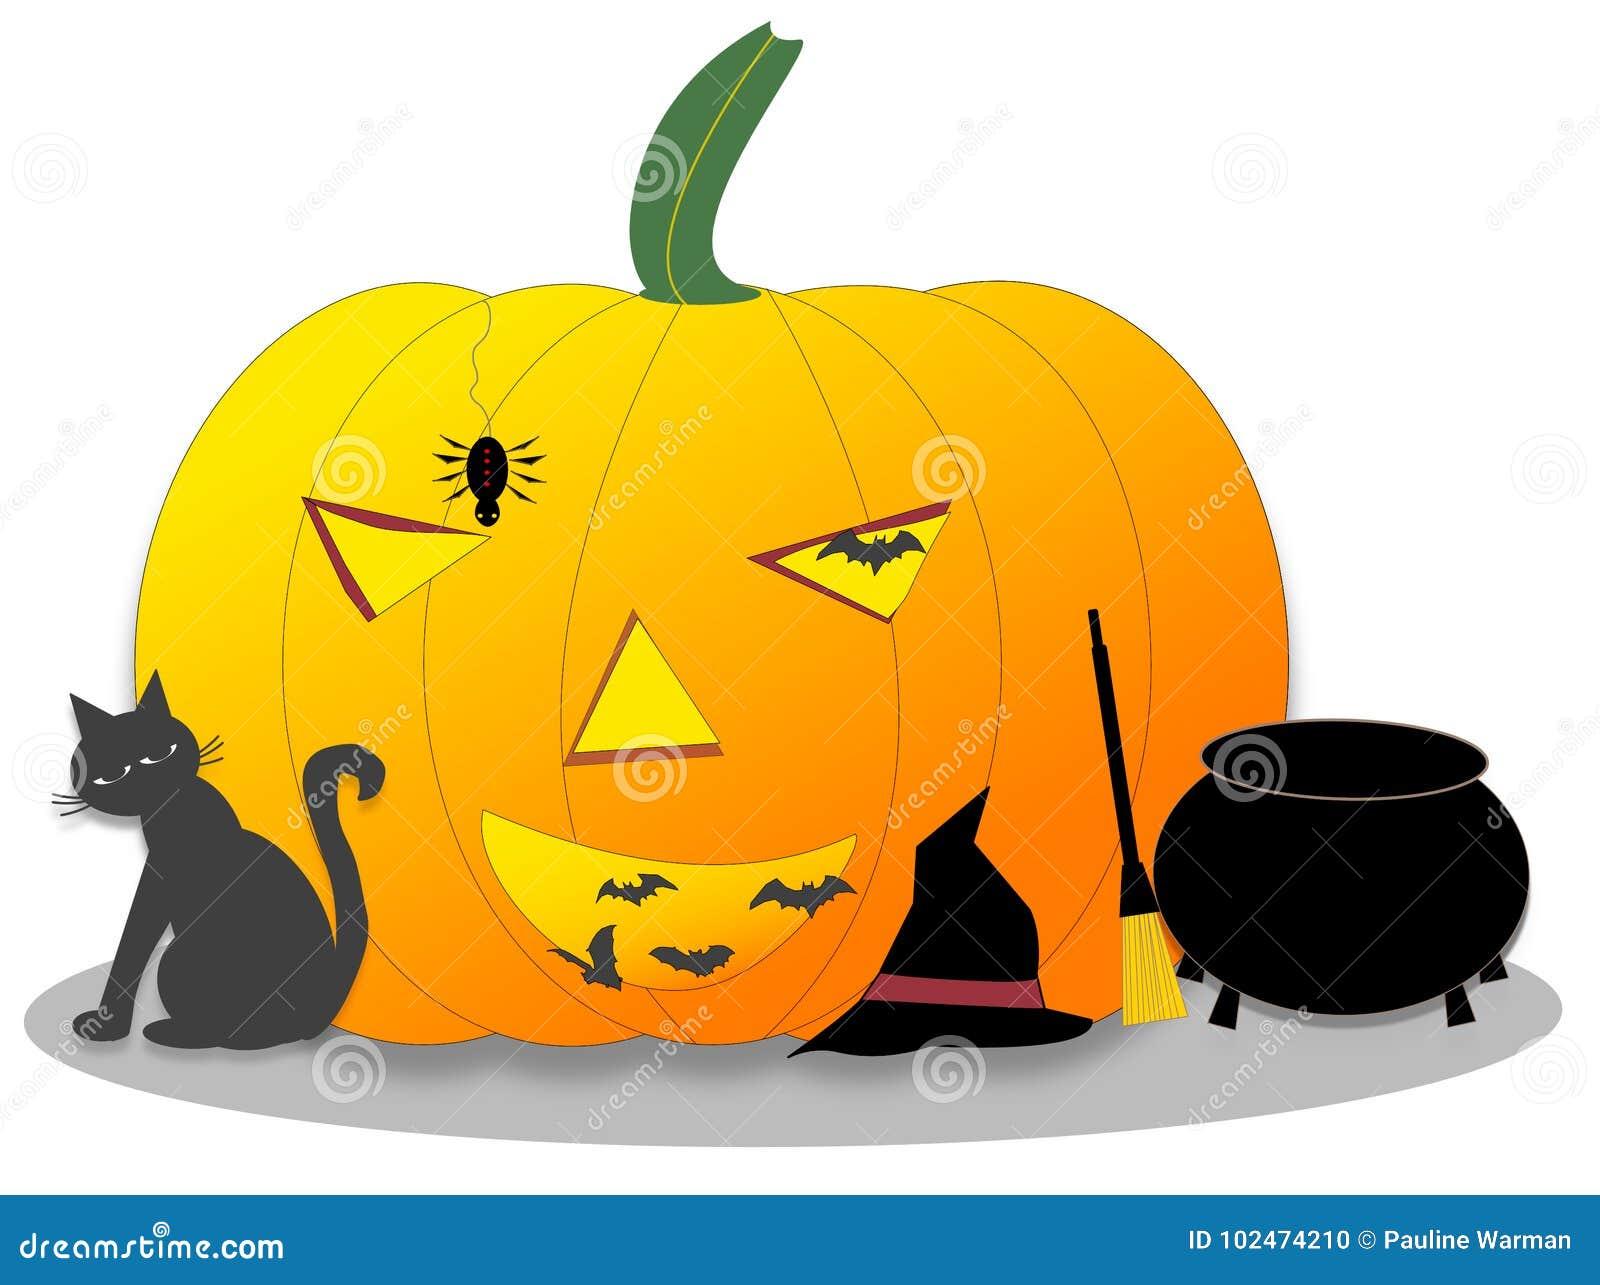 Zucca Halloween Gatto.Zucca Di Halloween Con Il Gatto Nero Pipistrelli Ragno Calderone